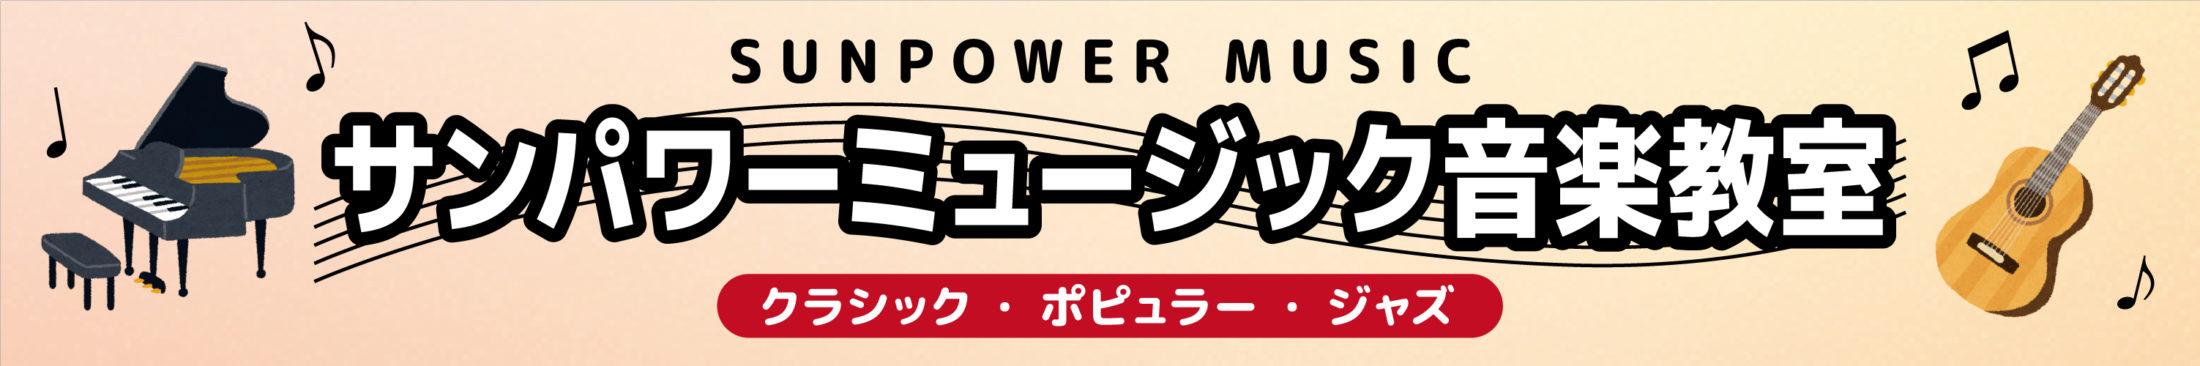 サンパワーミュージック音楽教室